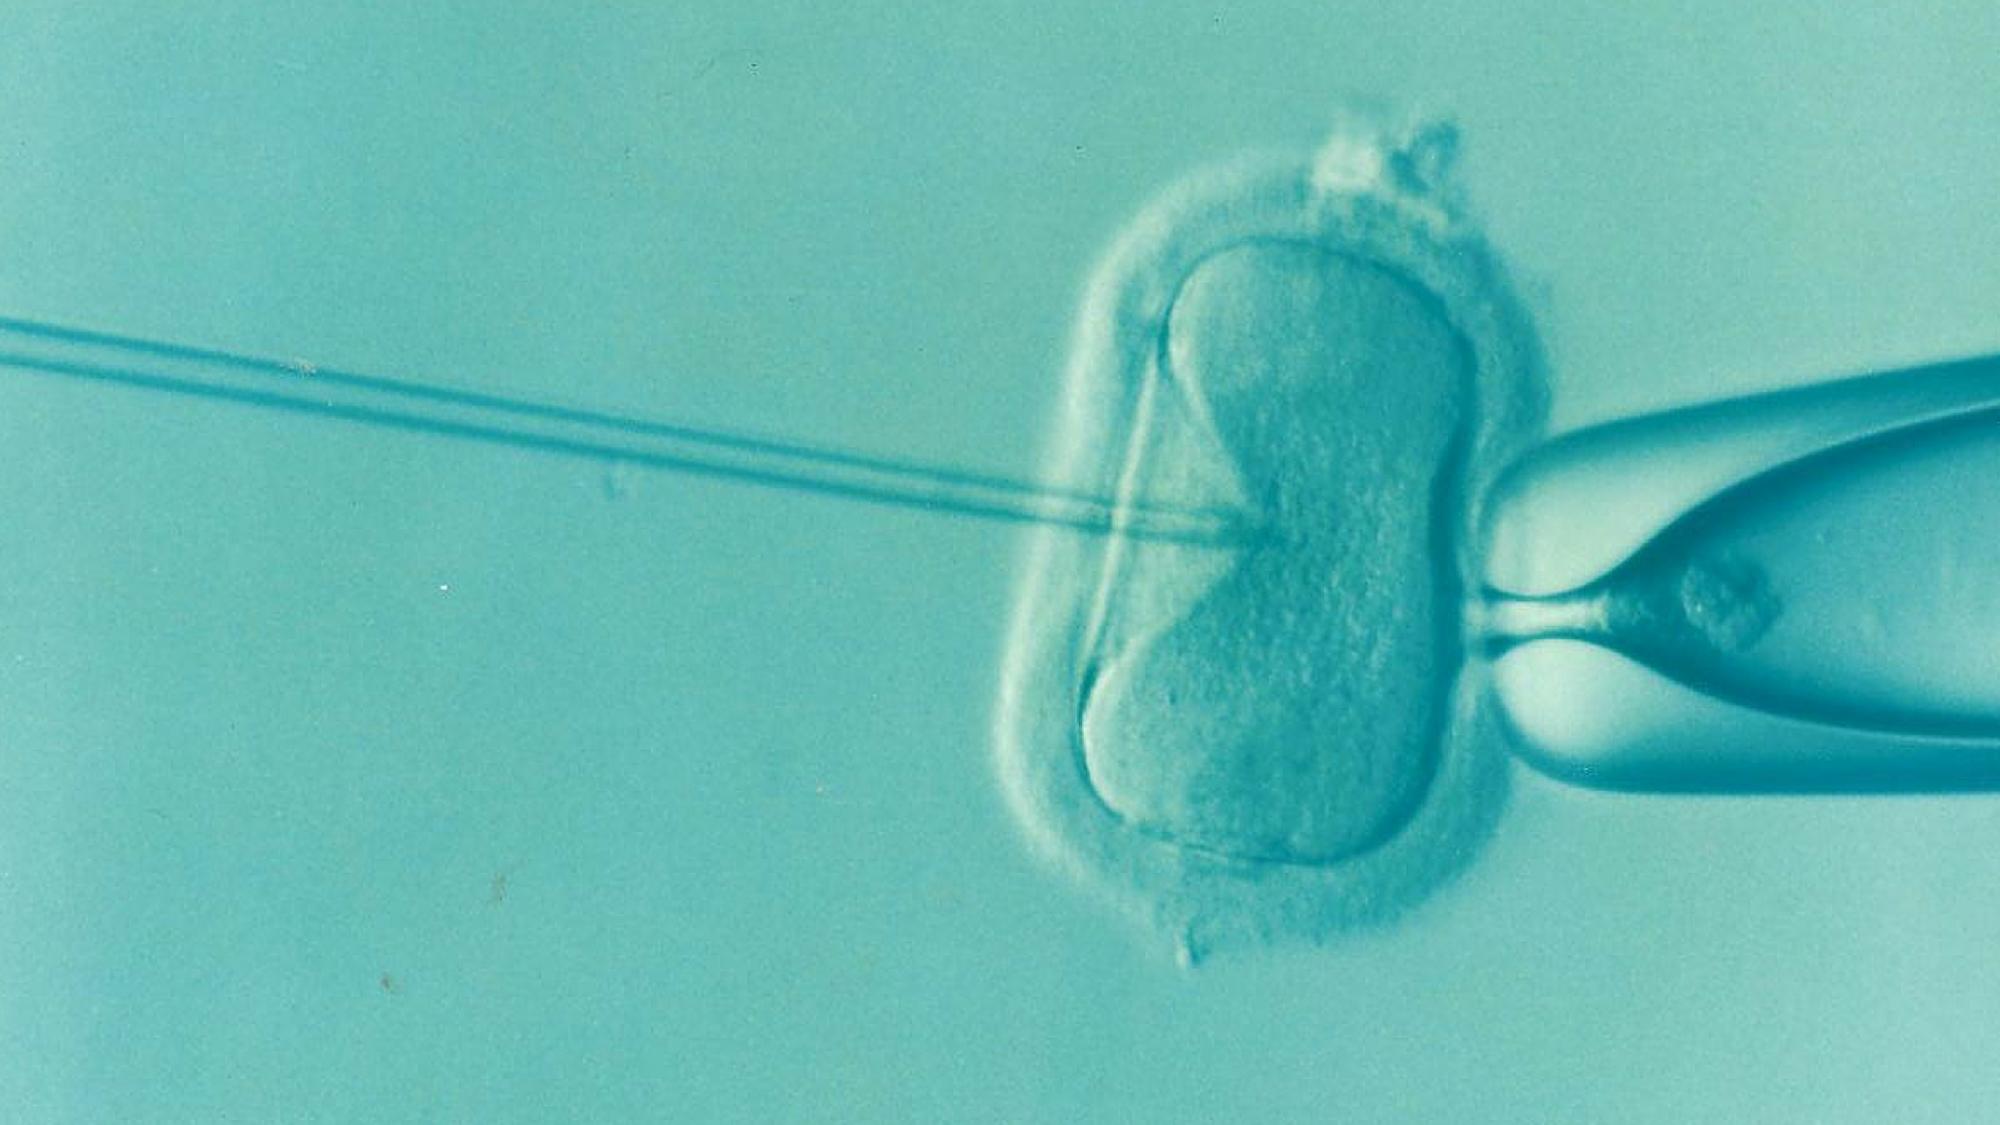 Fecundació in vitro (Imatge de DrKontogianniIVF a Pixabay).